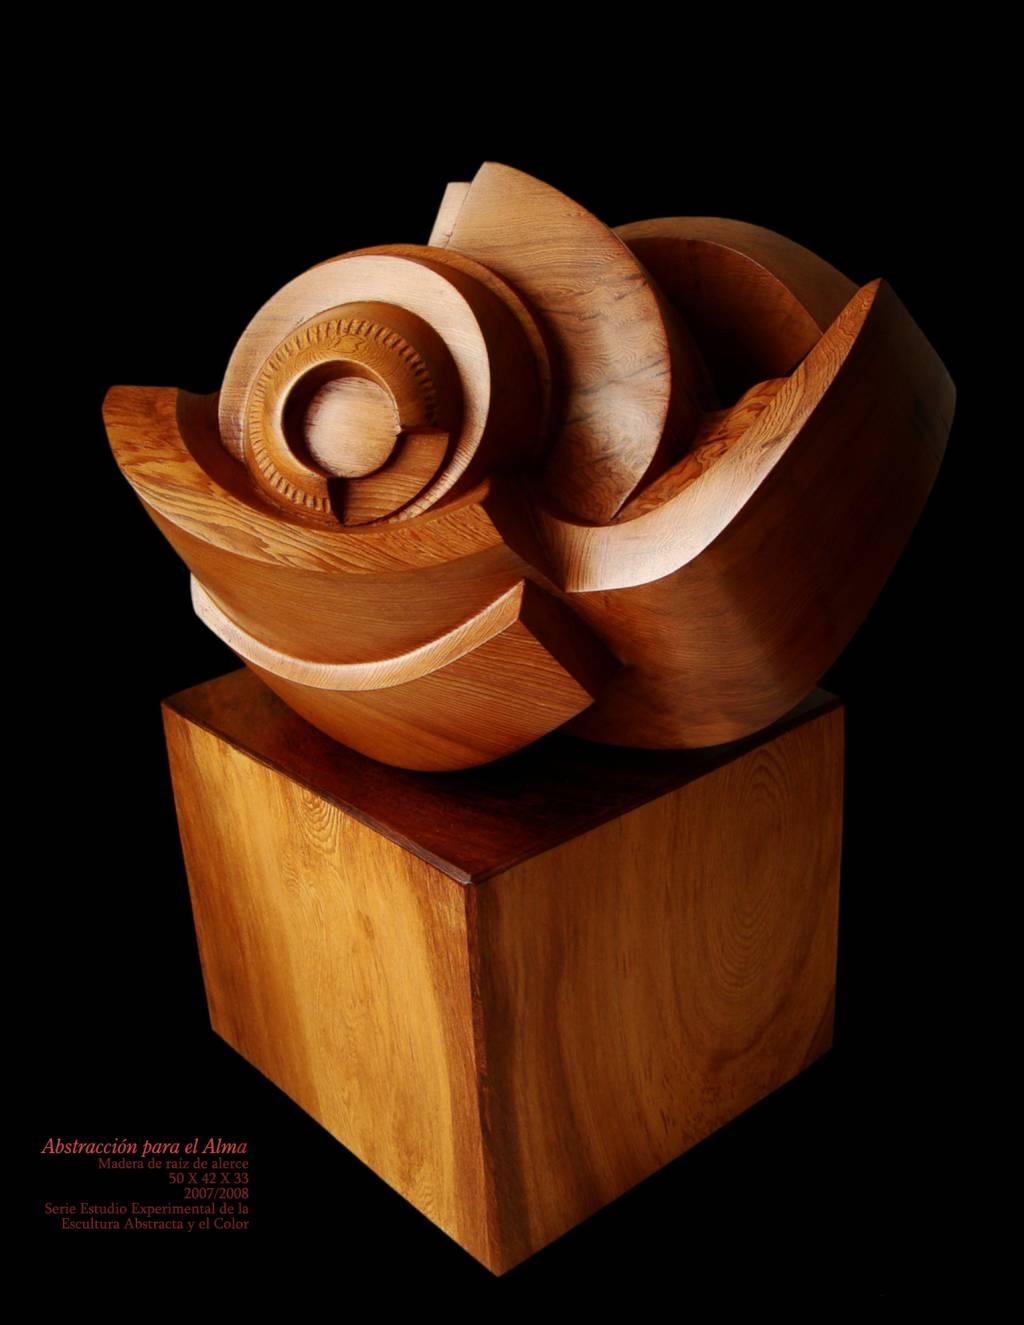 abstraccin para el alma madera abstracta